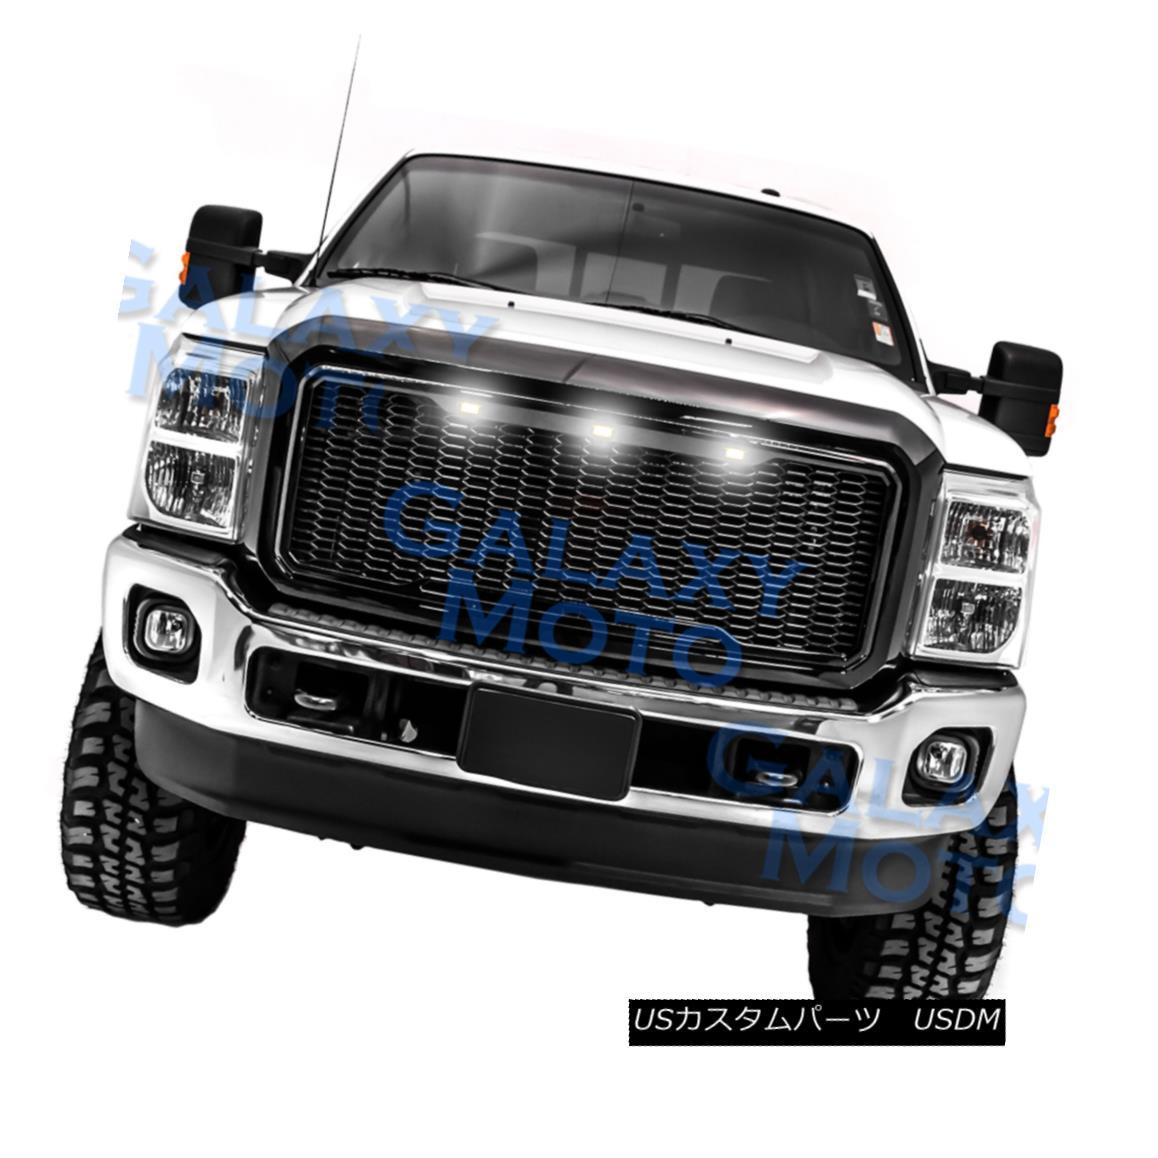 グリル 11-16 Ford Super Duty Raptor Style Gloss Black Mesh Grille+Shell+White LED light 11-16フォードスーパーデューティーラプタースタイルグロスブラックメッシュグリル+シェル+ W hite LEDライト